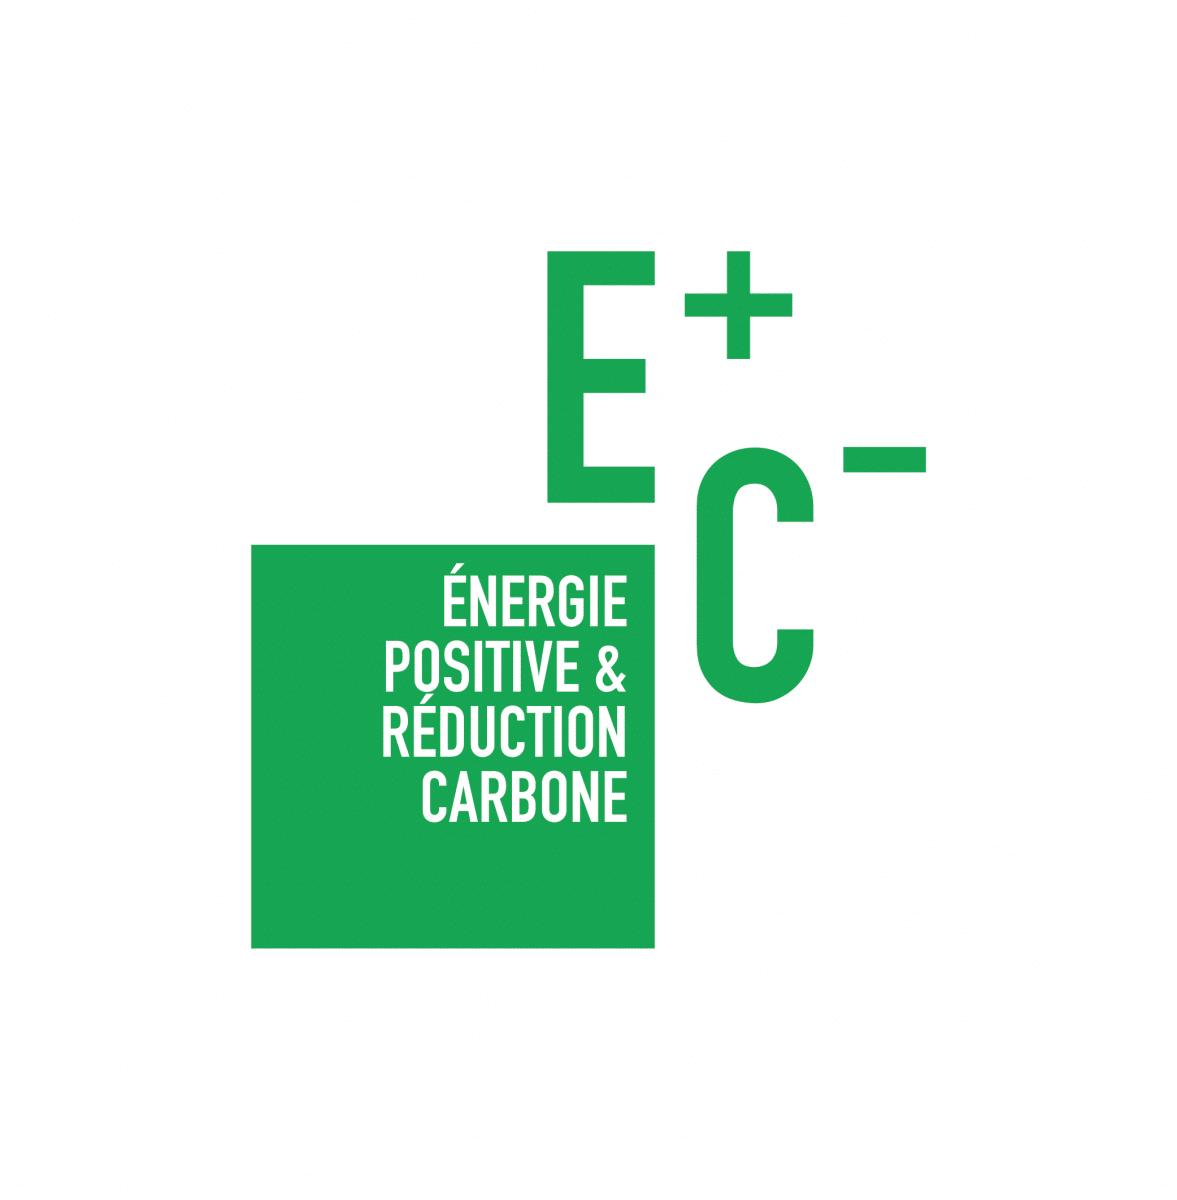 RE2020 reglementation environnementale energie carbone